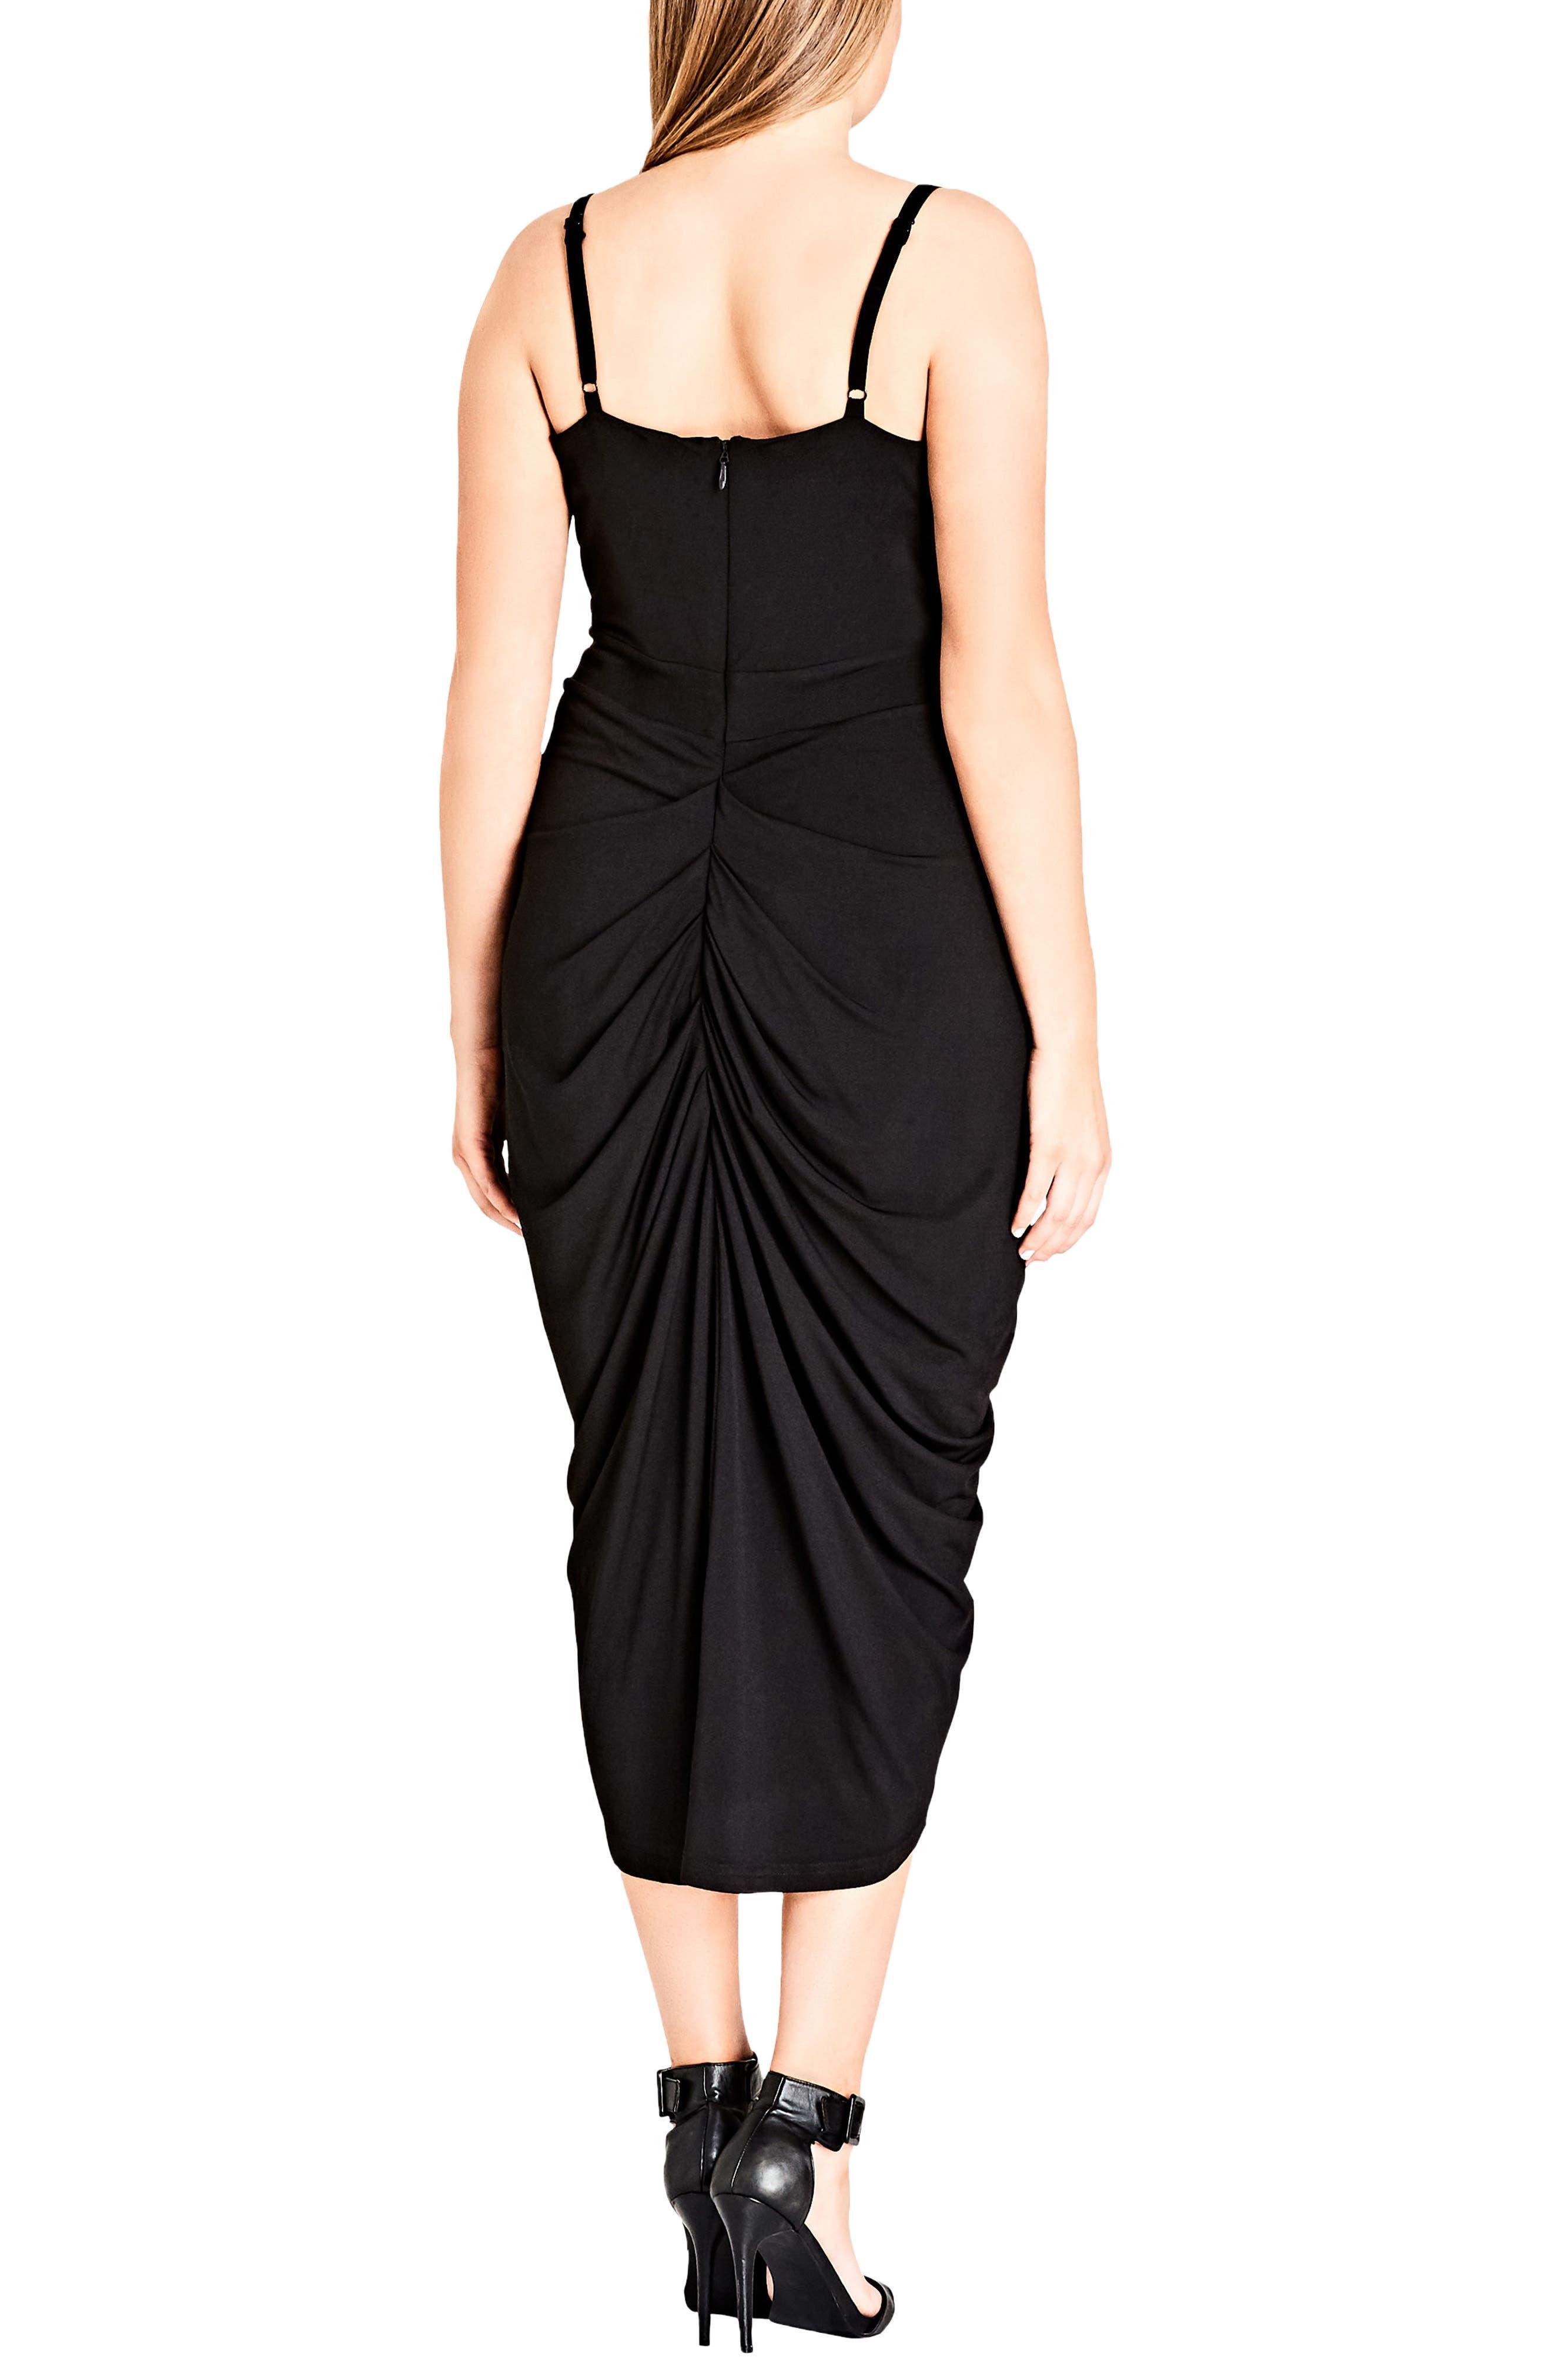 Temptress Dress,                             Alternate thumbnail 2, color,                             Black